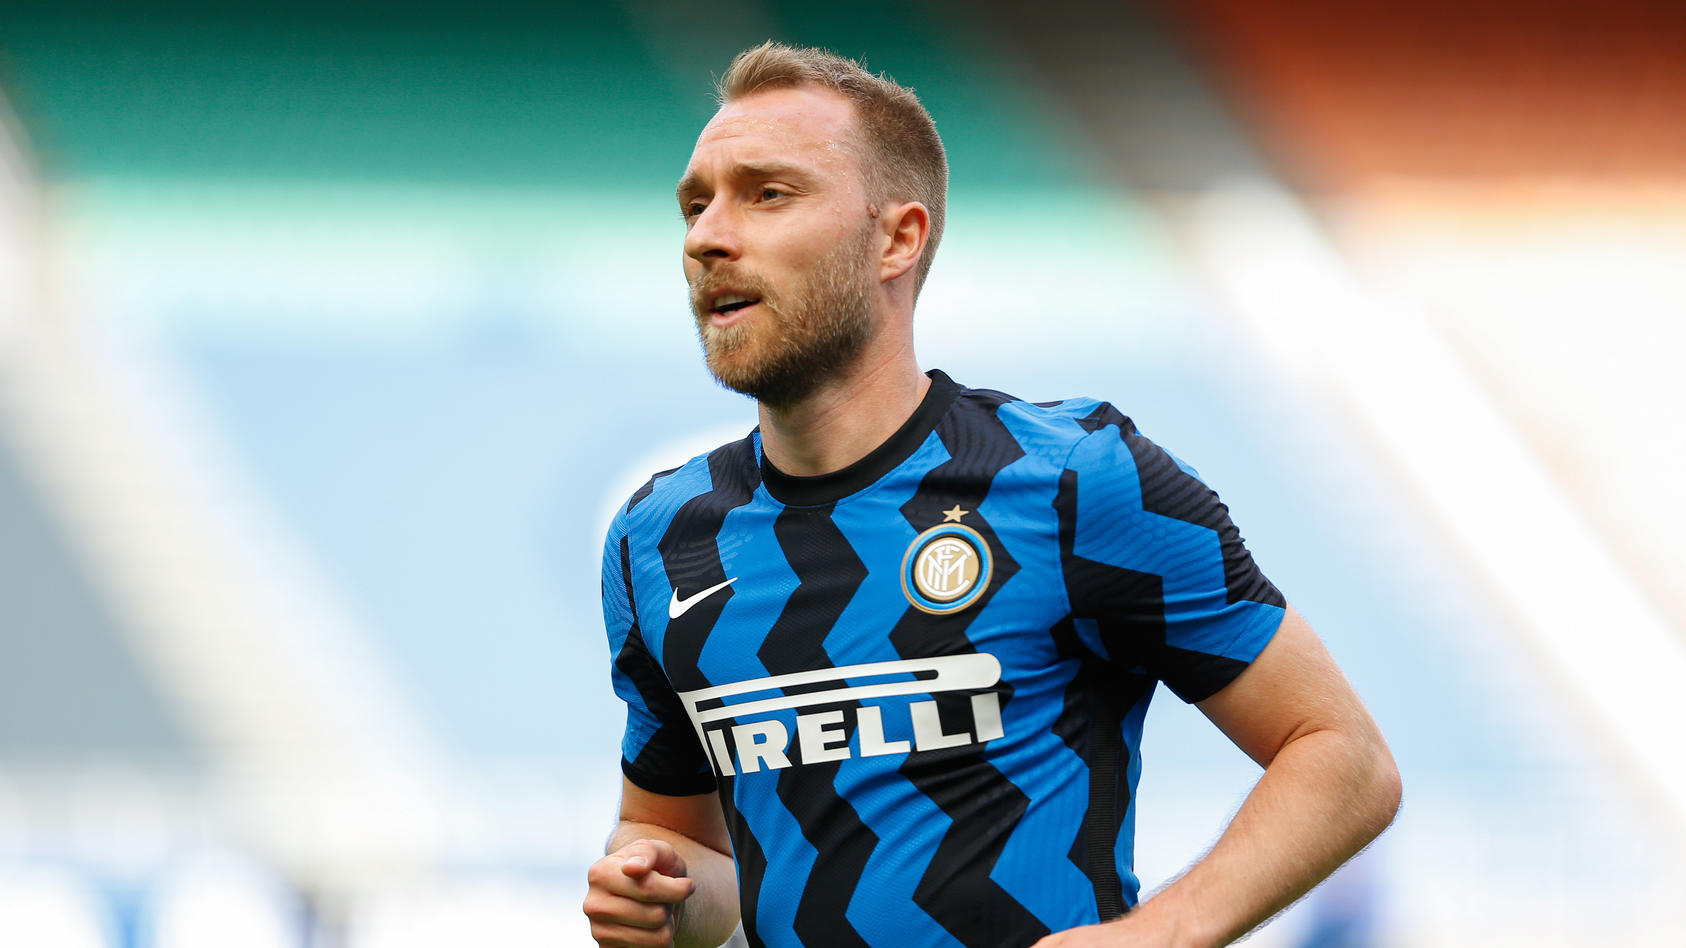 Christian Eriksen hat bei Inter Mailand noch Vertrag bis 2024, wird diesen wegen seines Herzschrittmachers aber womöglich nicht erfüllen können